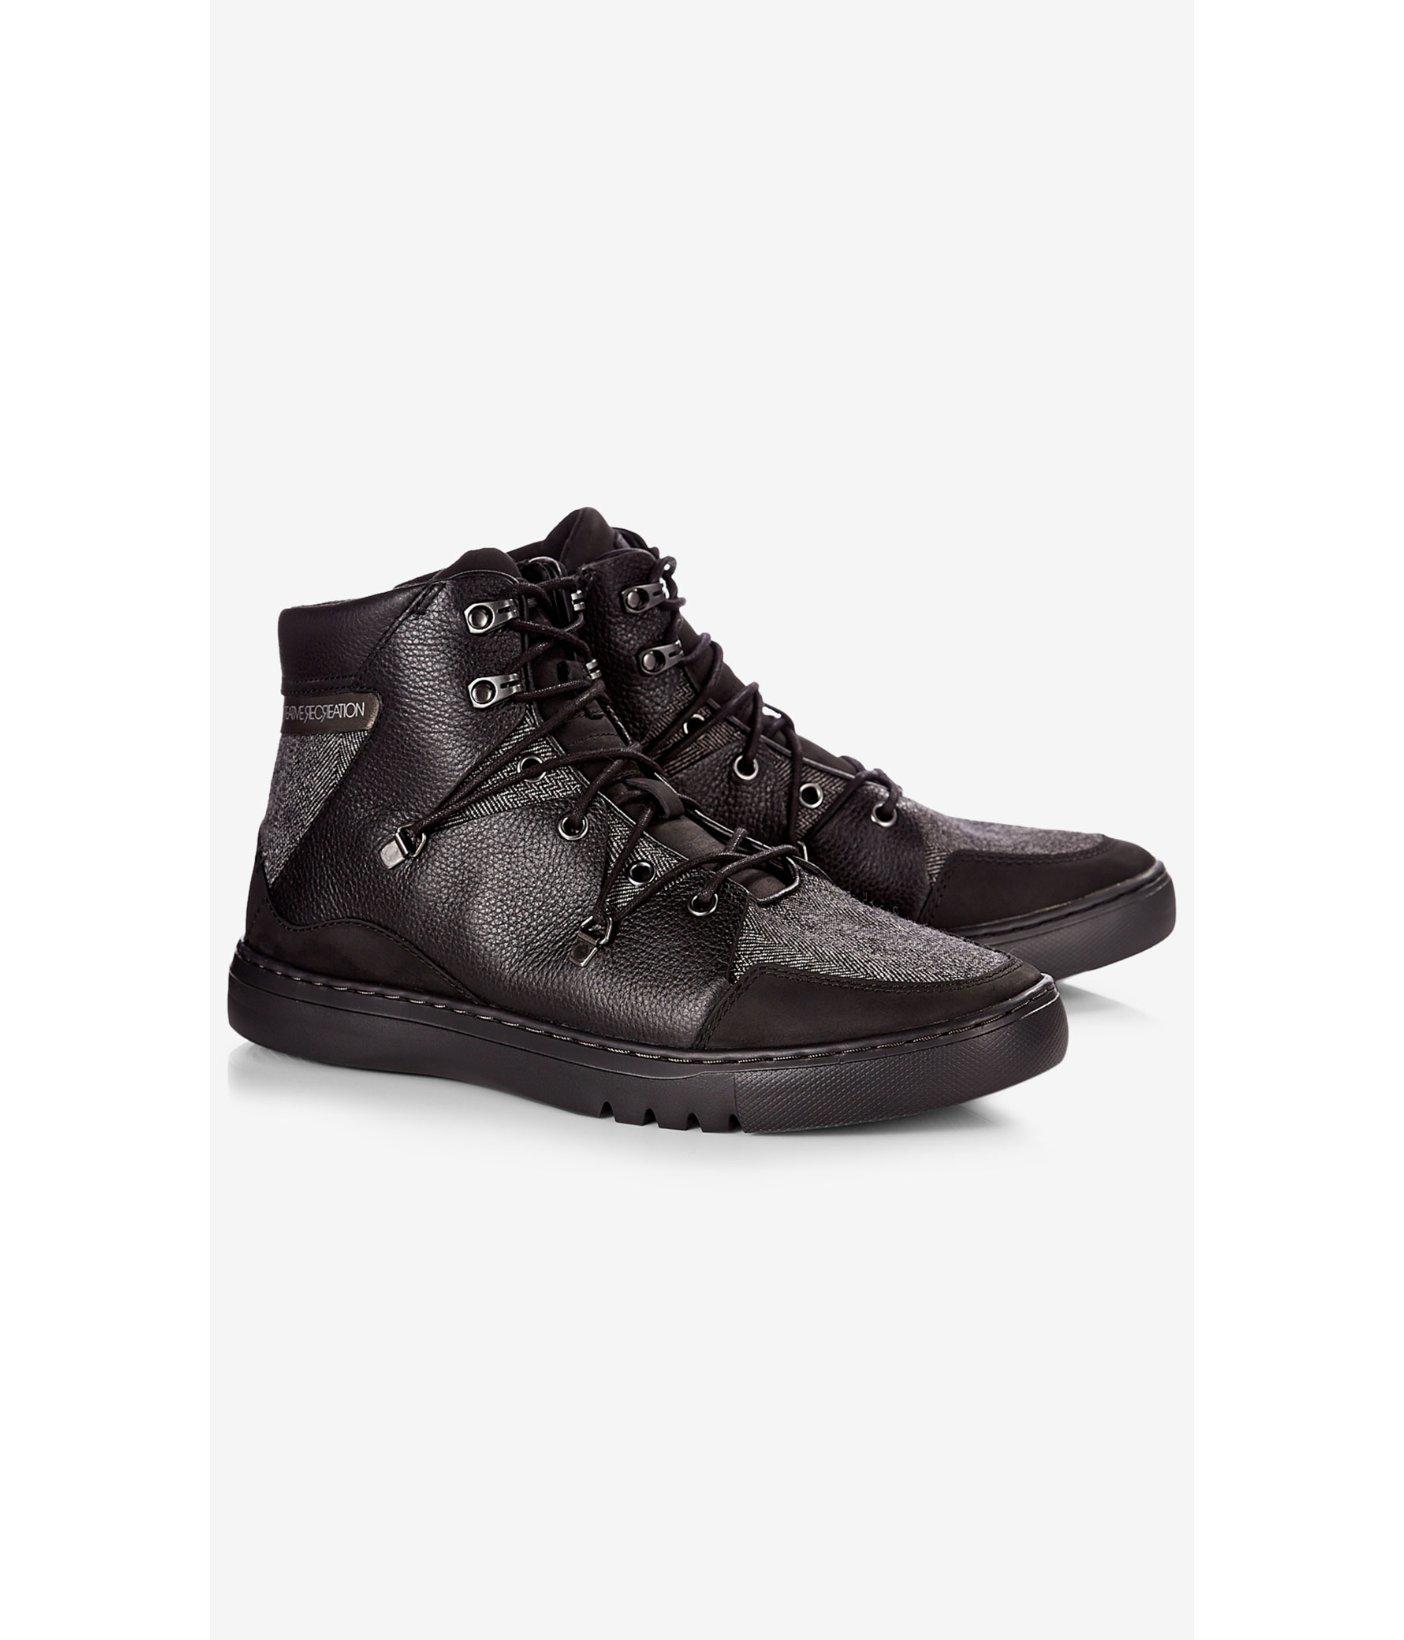 Bed Stu Quest Black Boots